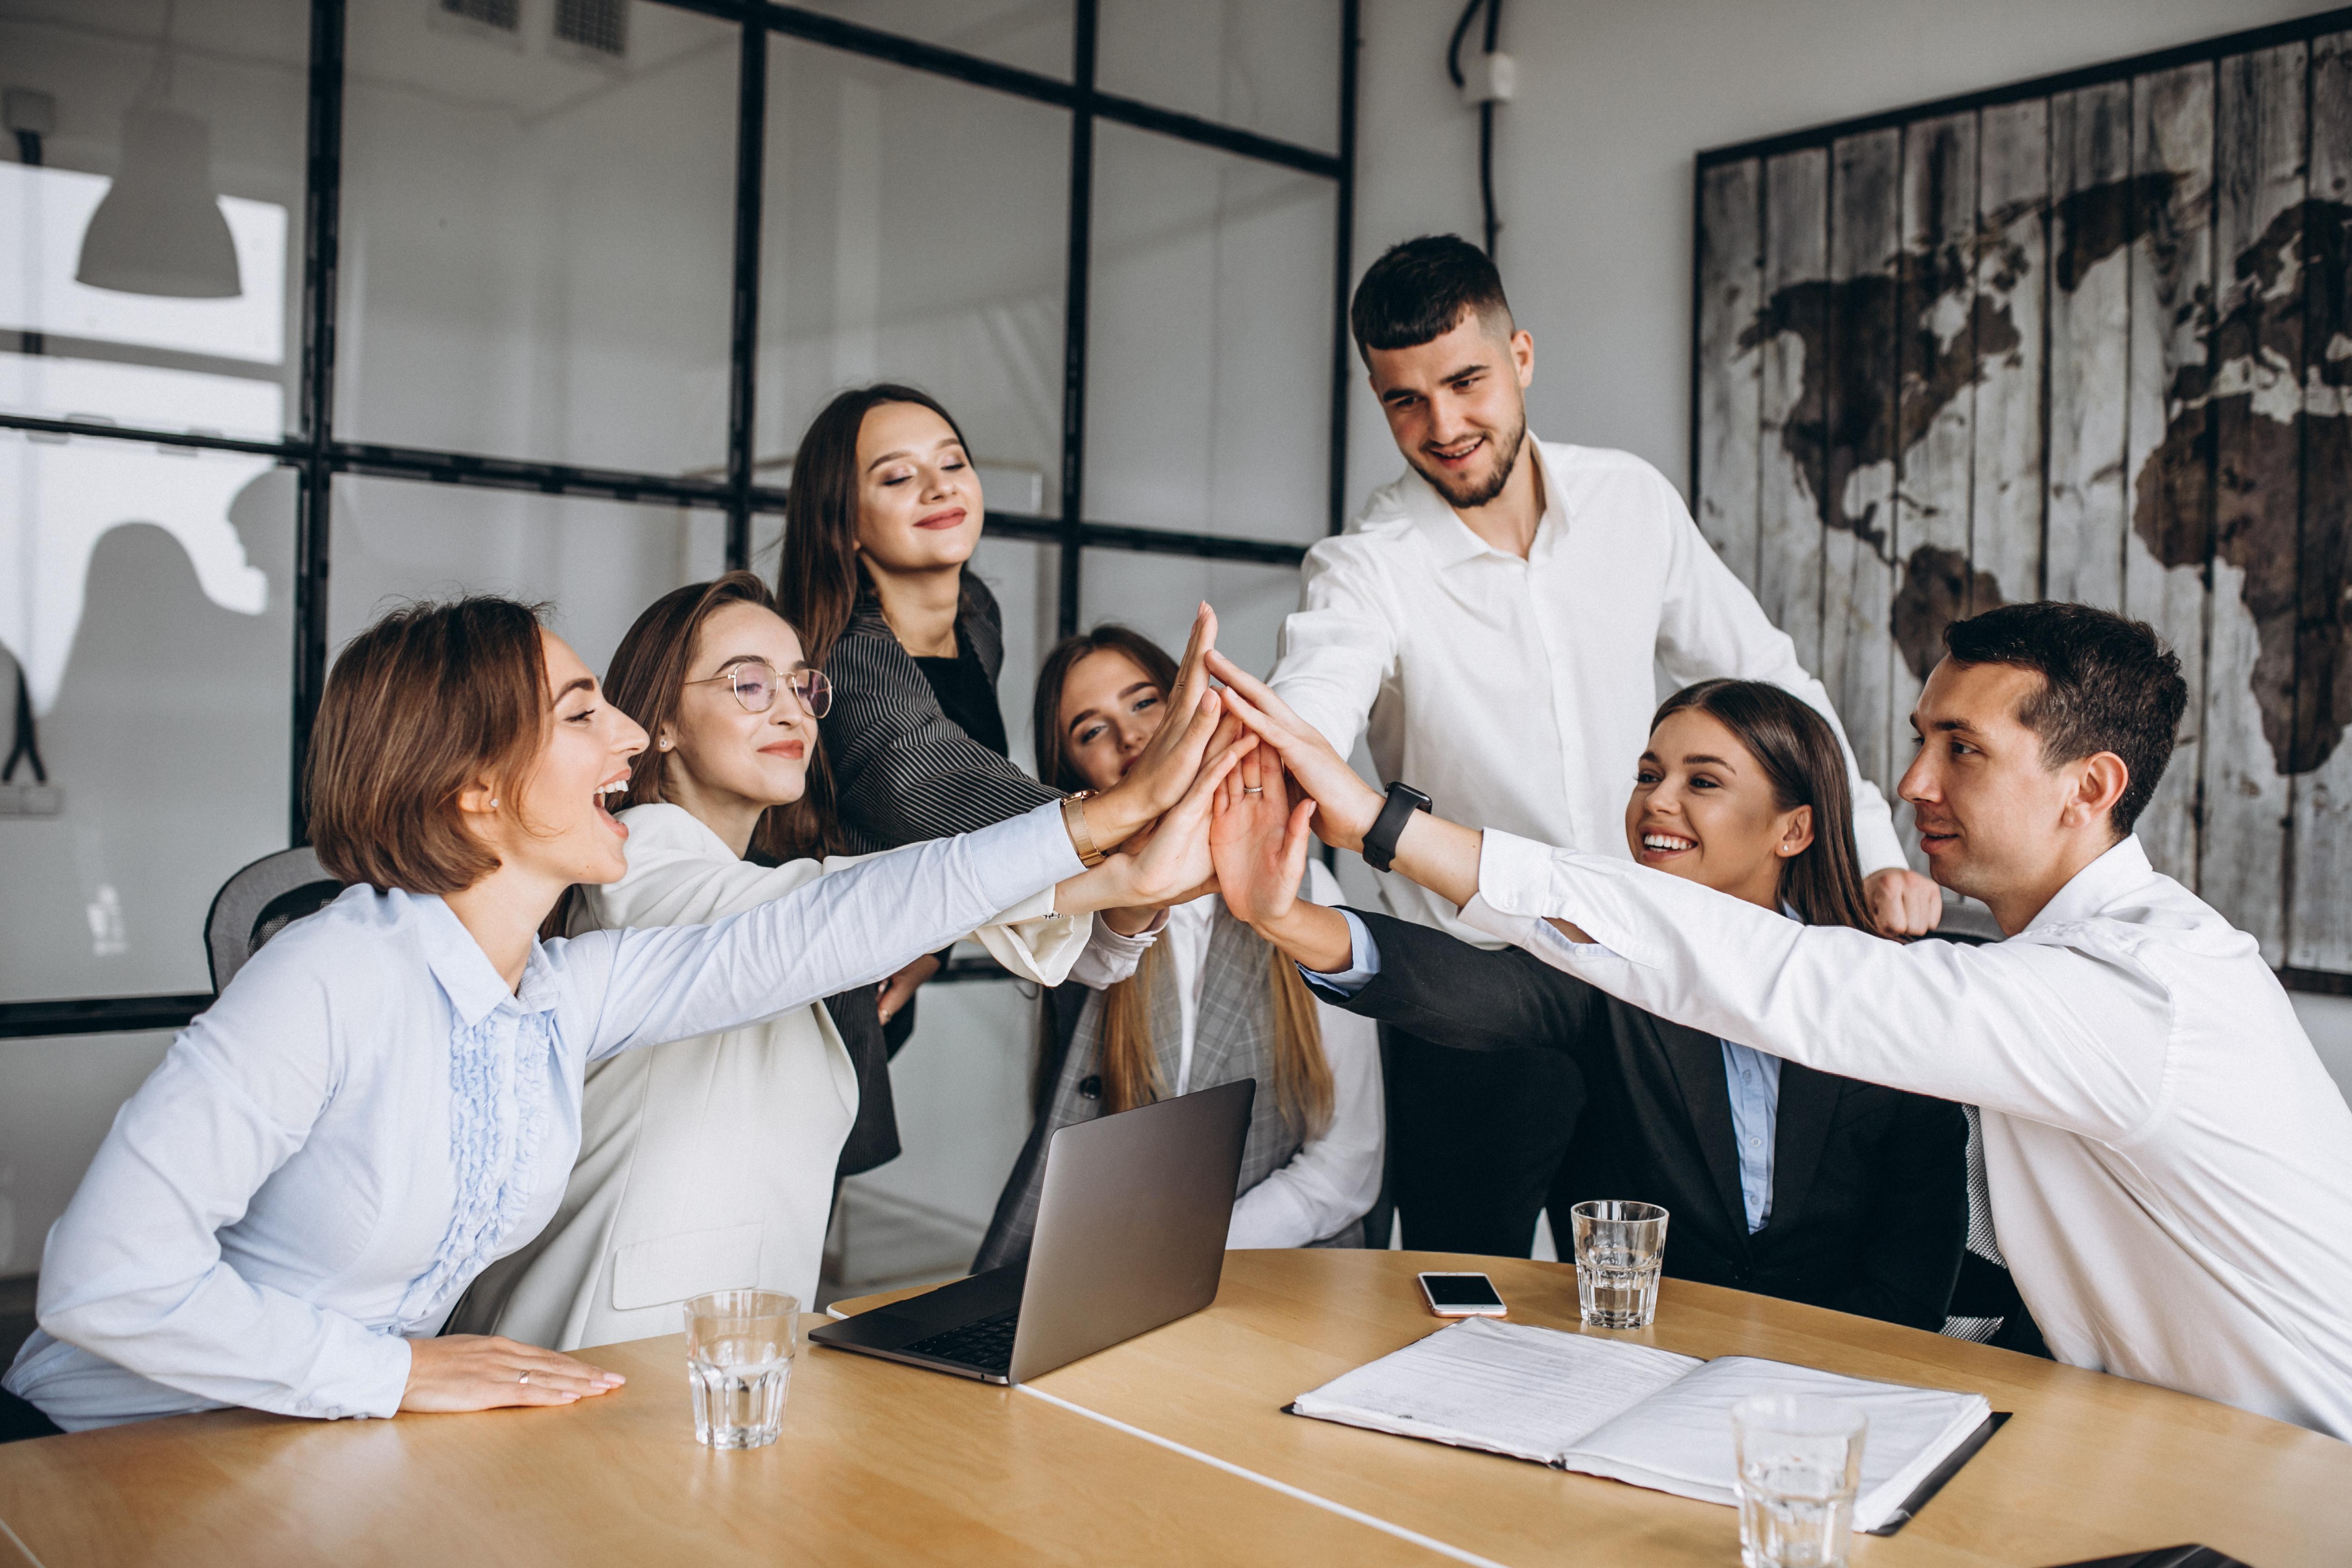 تنمية المهارات الشخصية في العمل